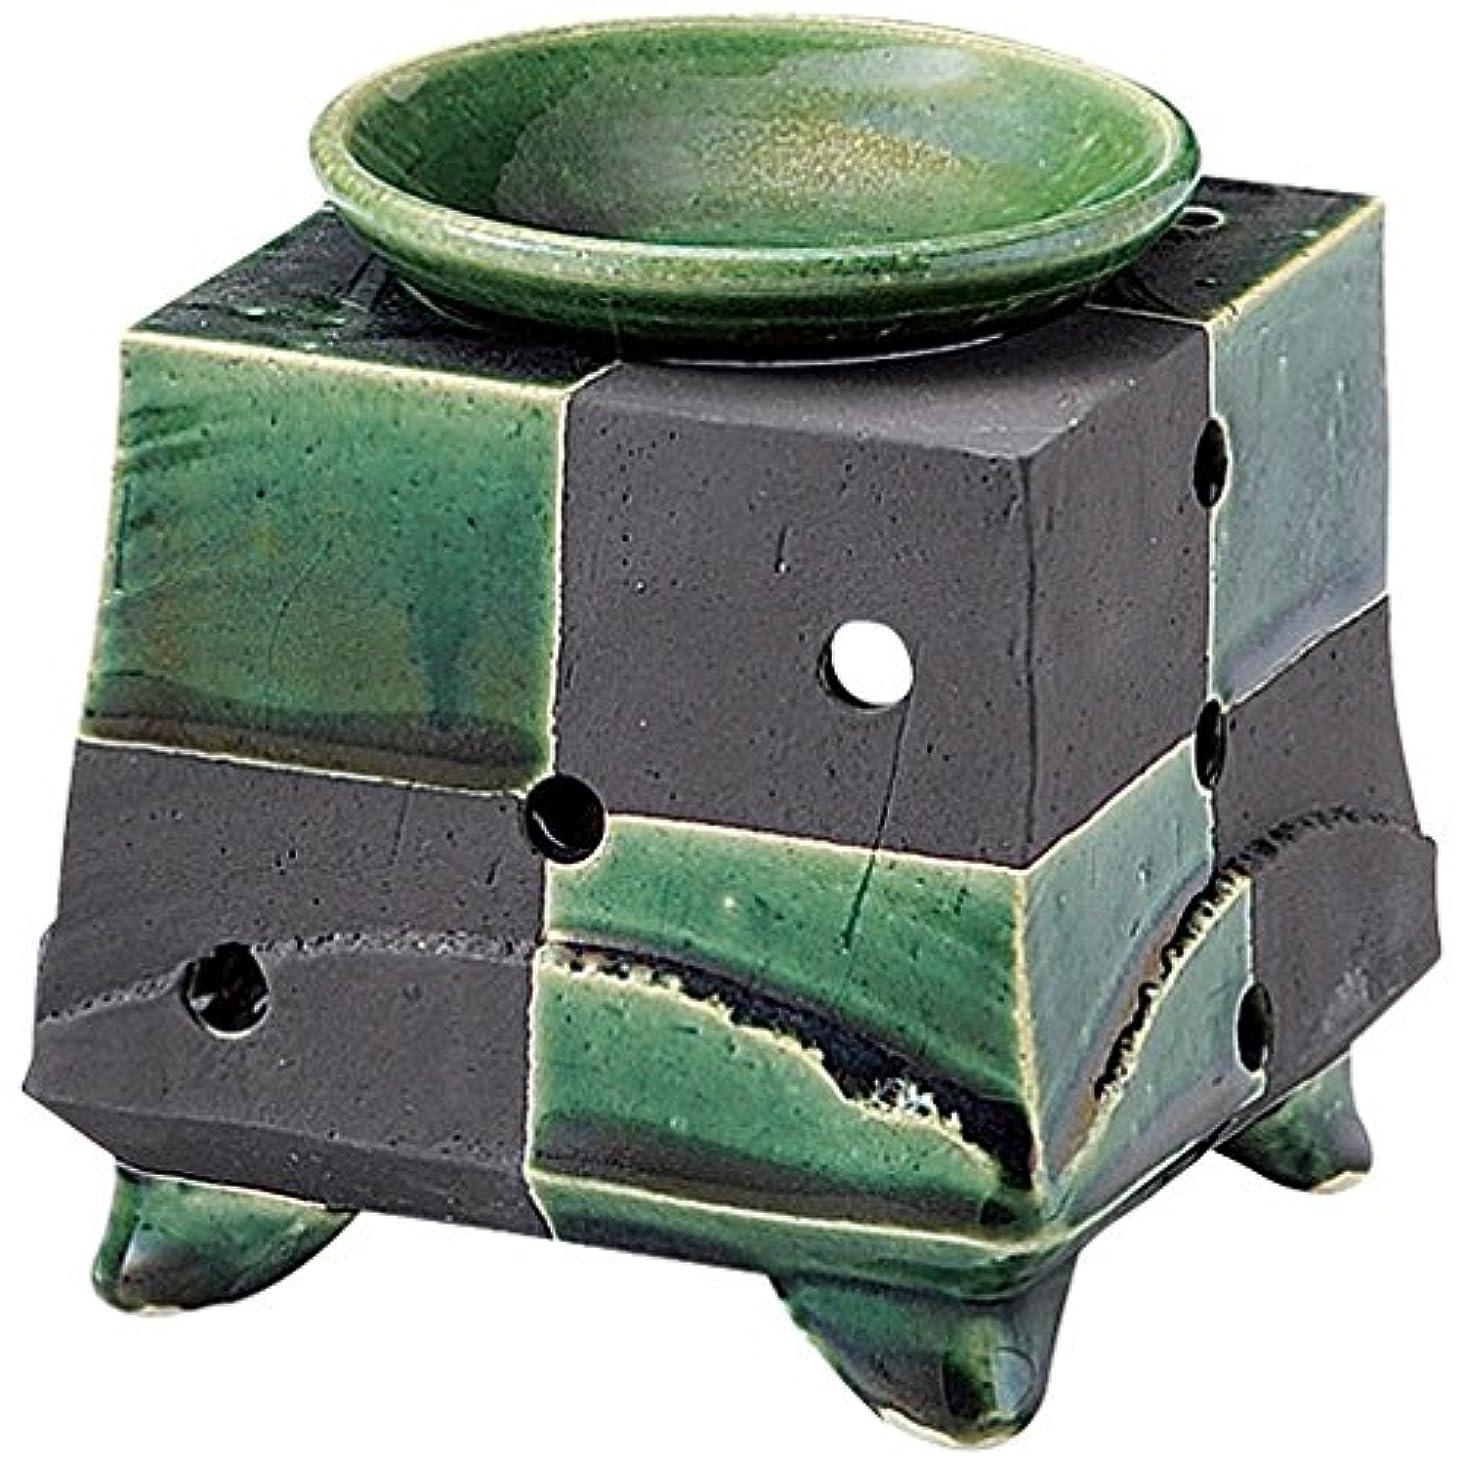 不愉快シロクマ再生山下工芸 常滑焼 佳窯織部黒市松茶香炉 11.5×11.5×11.5cm 13045770